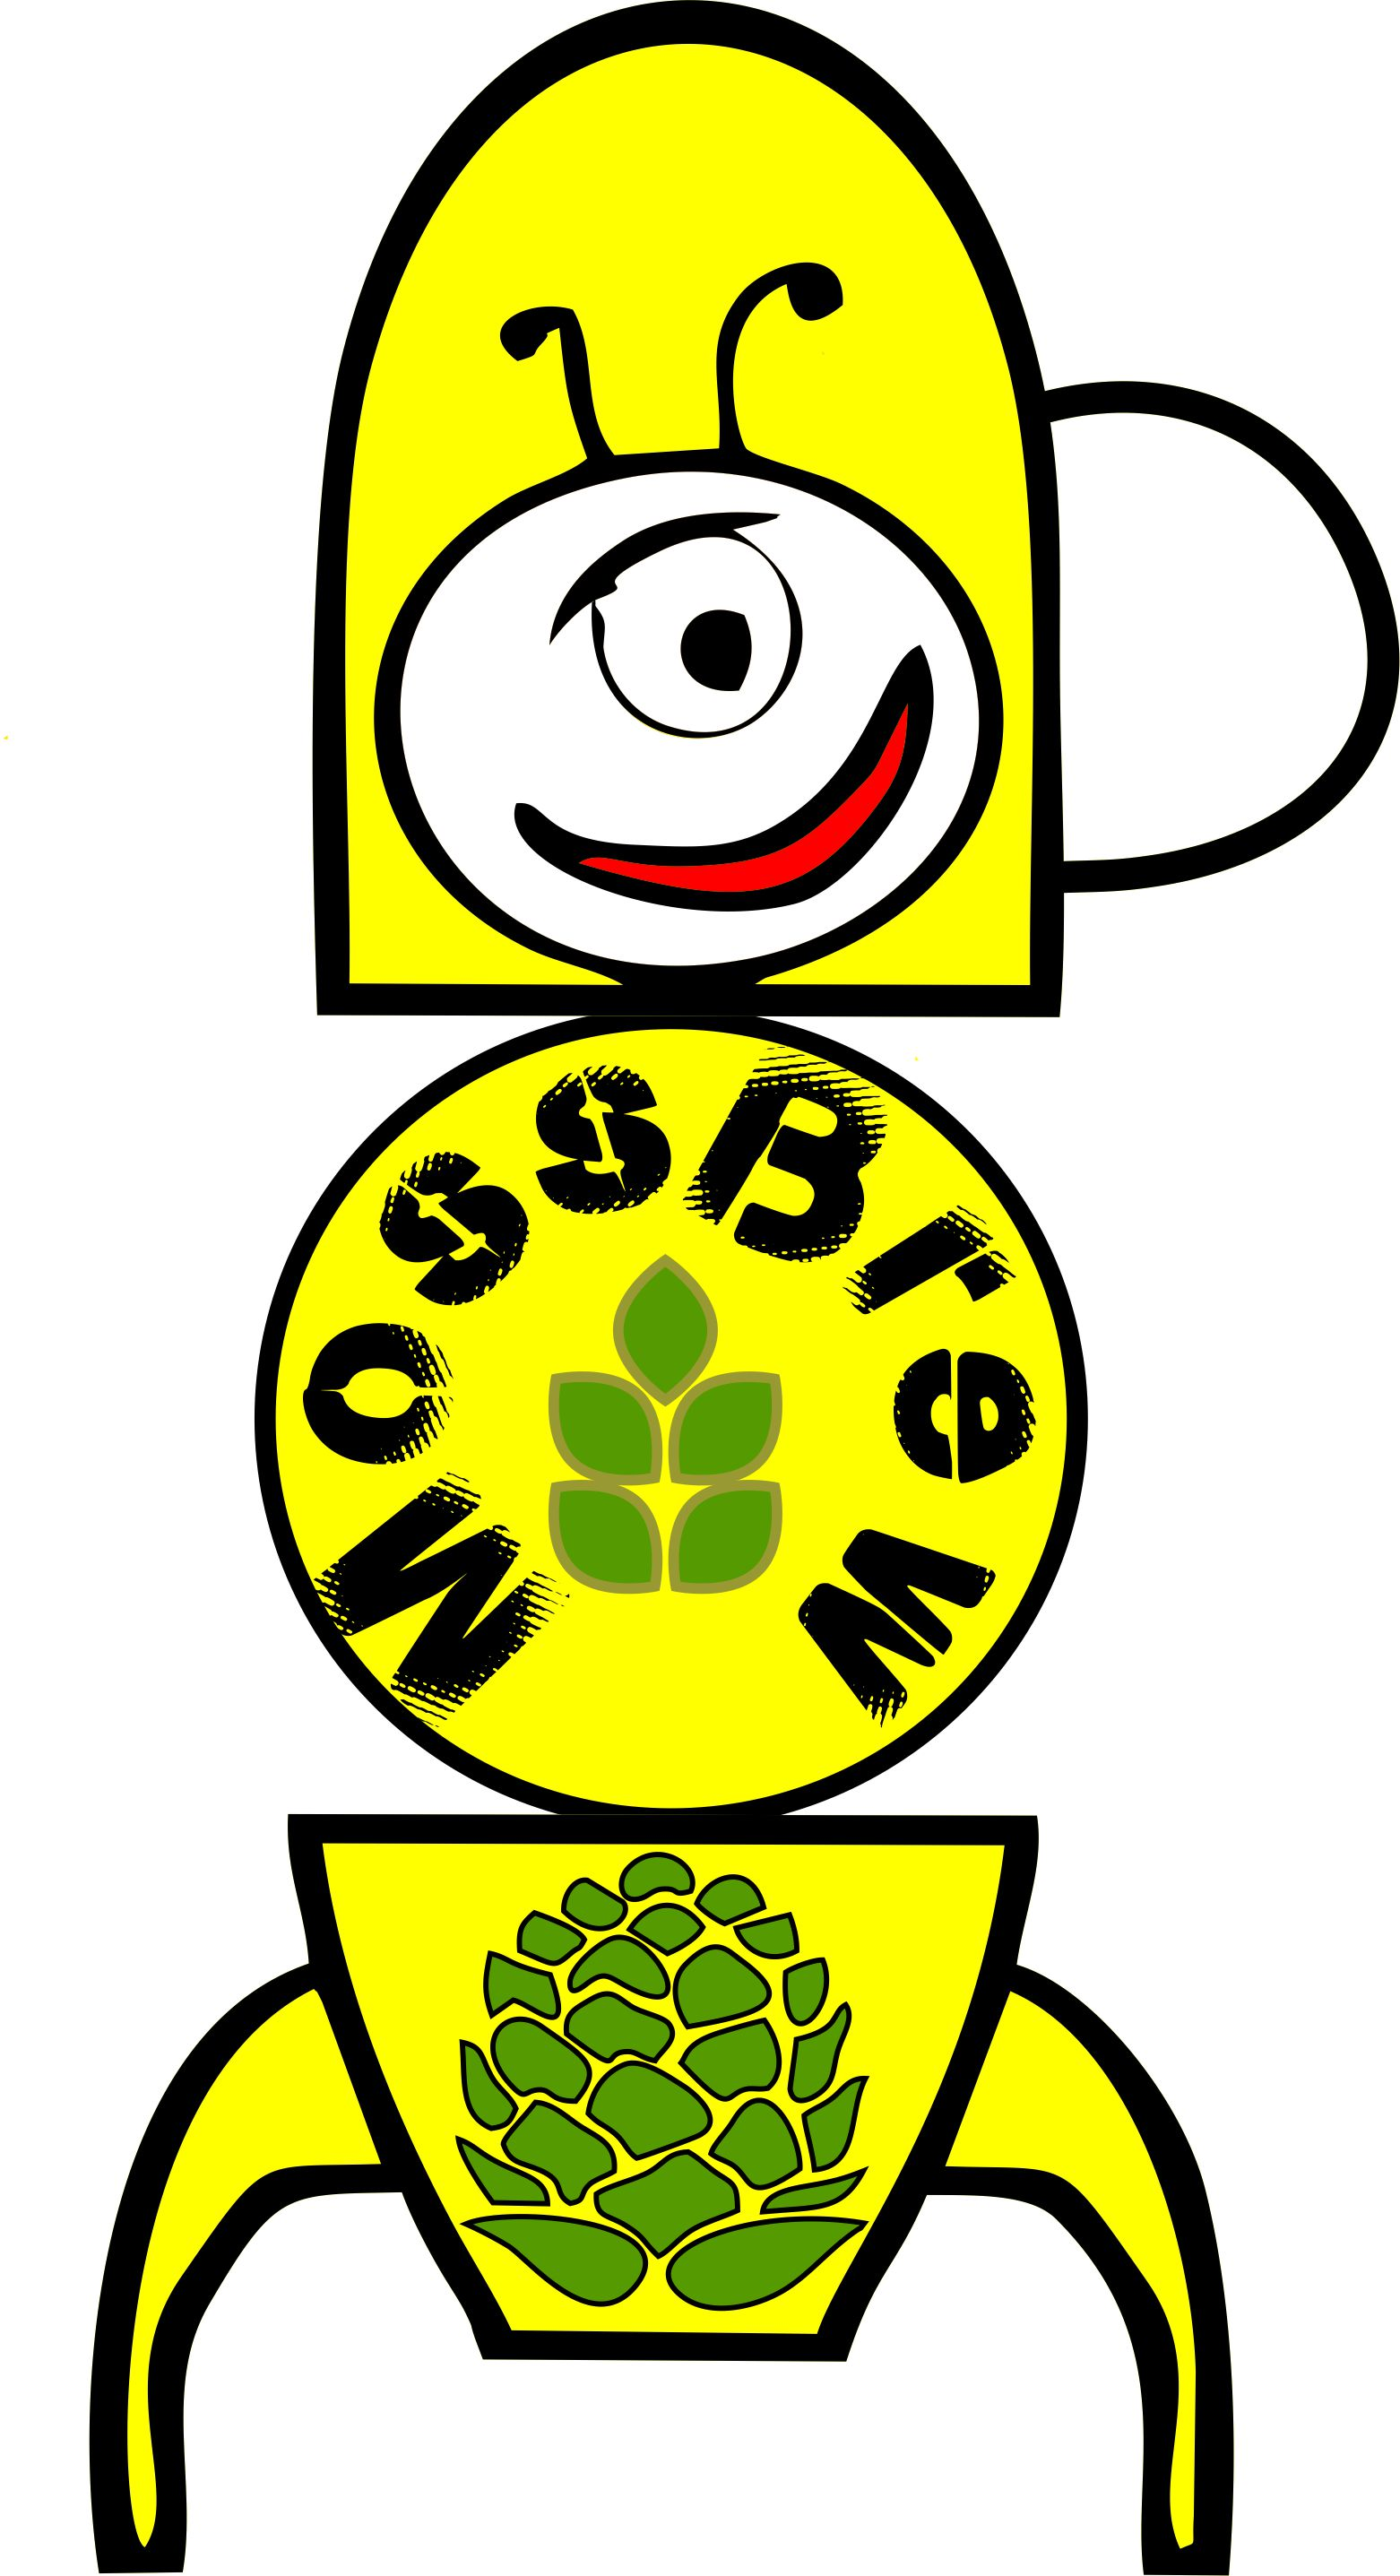 Логотип для пивоварни фото f_2465988c9f08c998.jpg